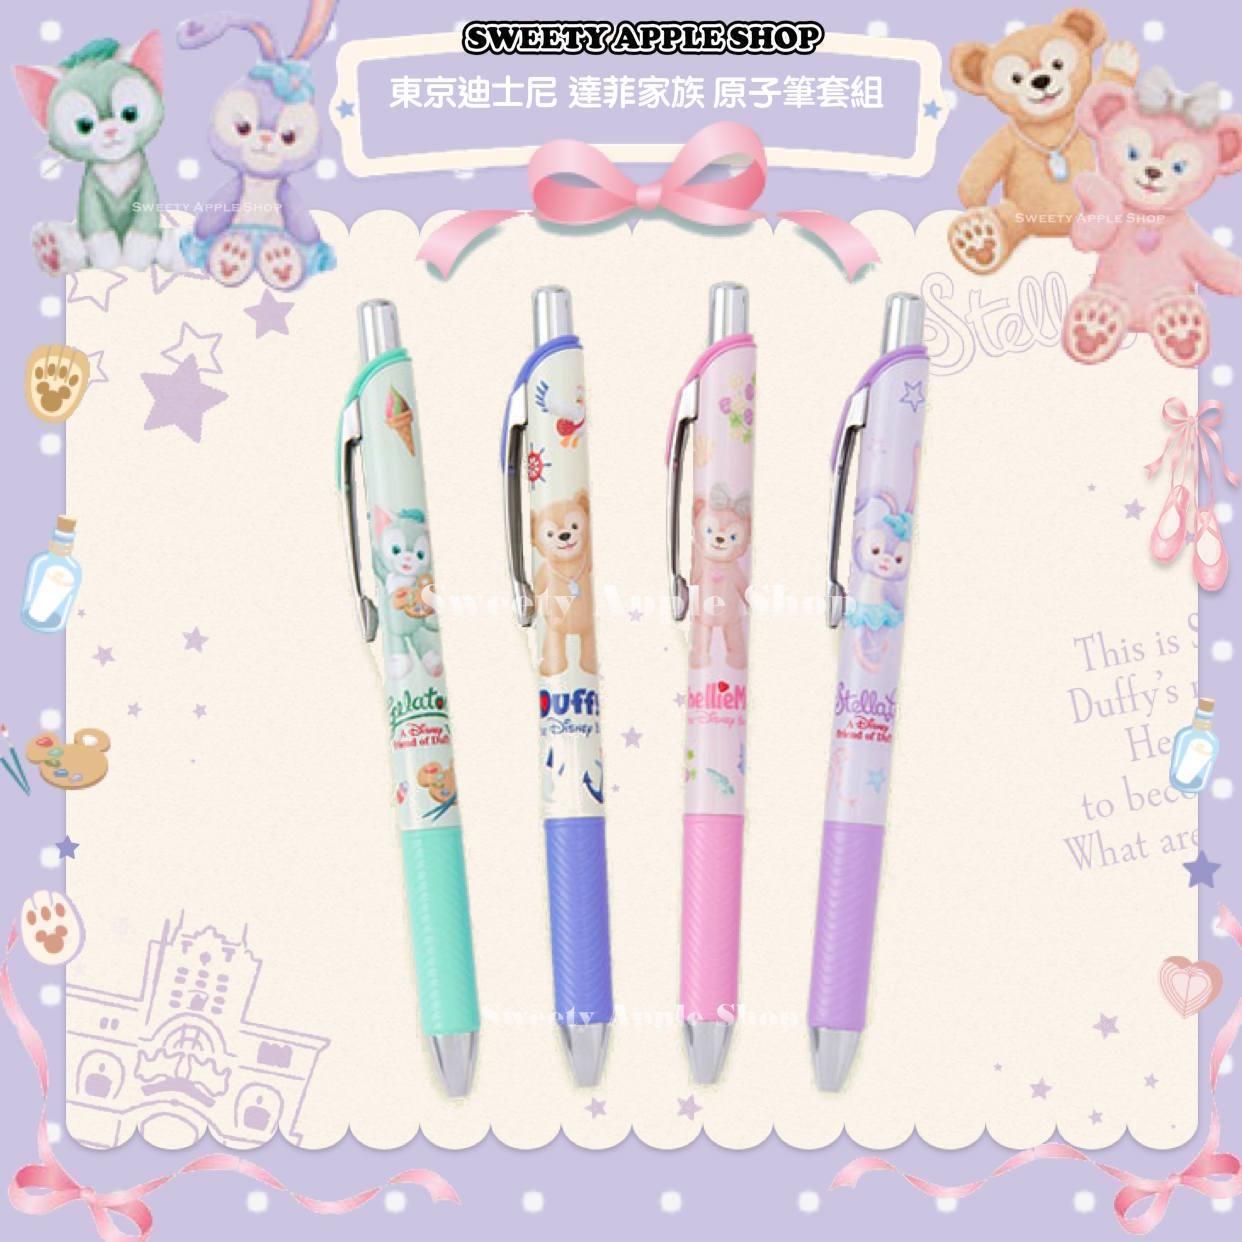 日本製東京迪士尼限定達菲雪莉玫史黛拉兔畫家貓達菲家族原子筆套組現貨